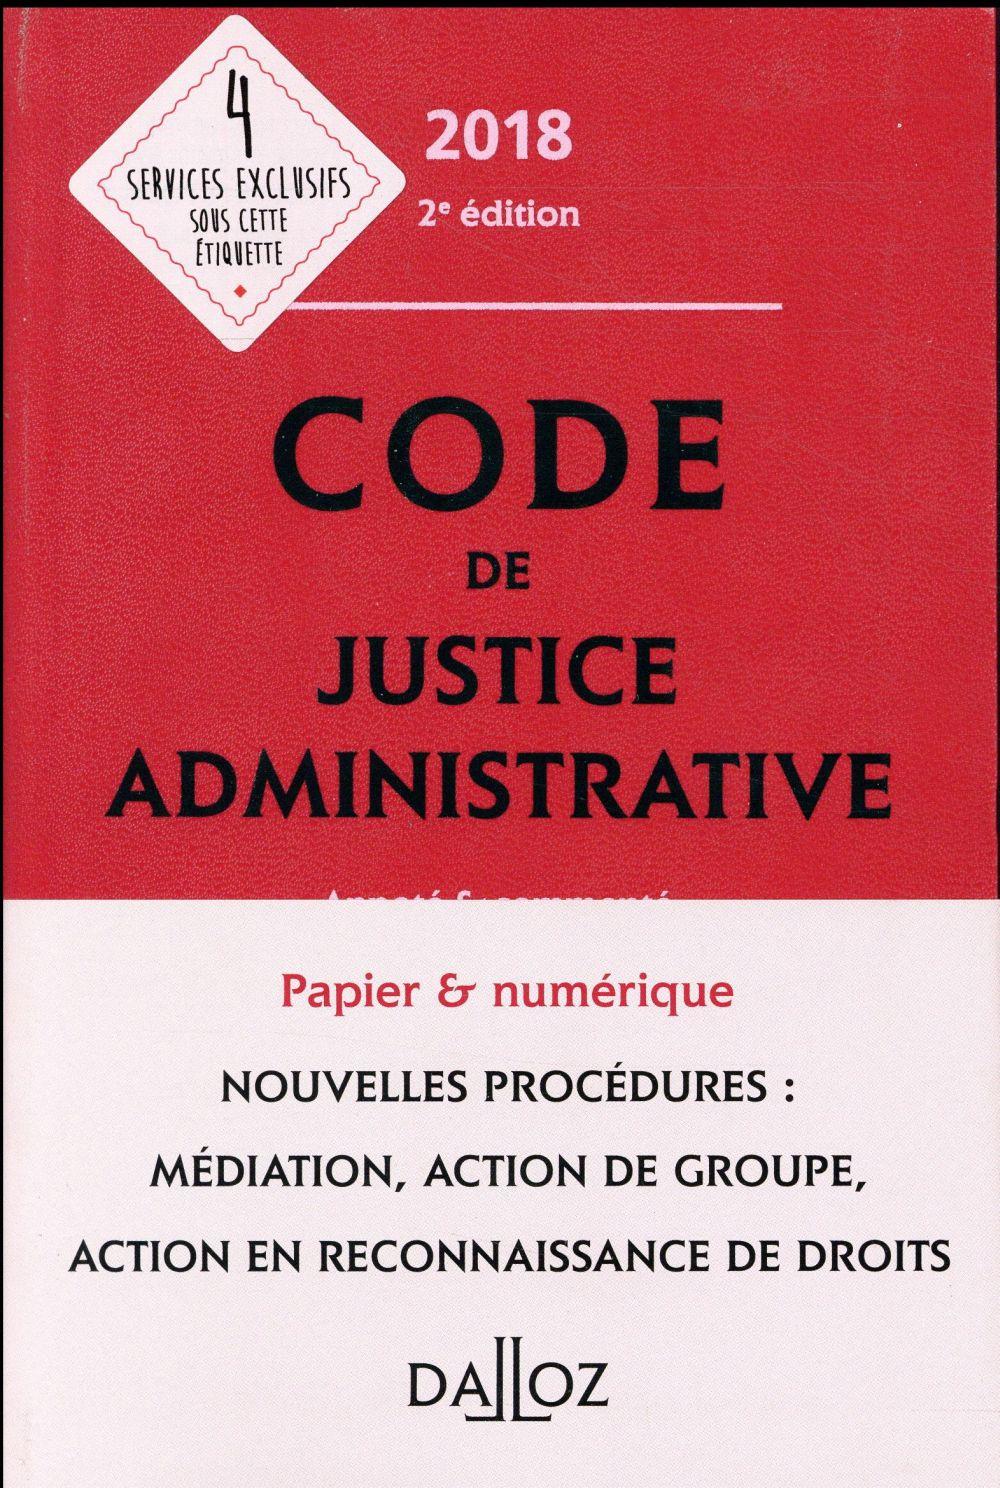 Code de justice administrative annoté et commenté (édition 2018)